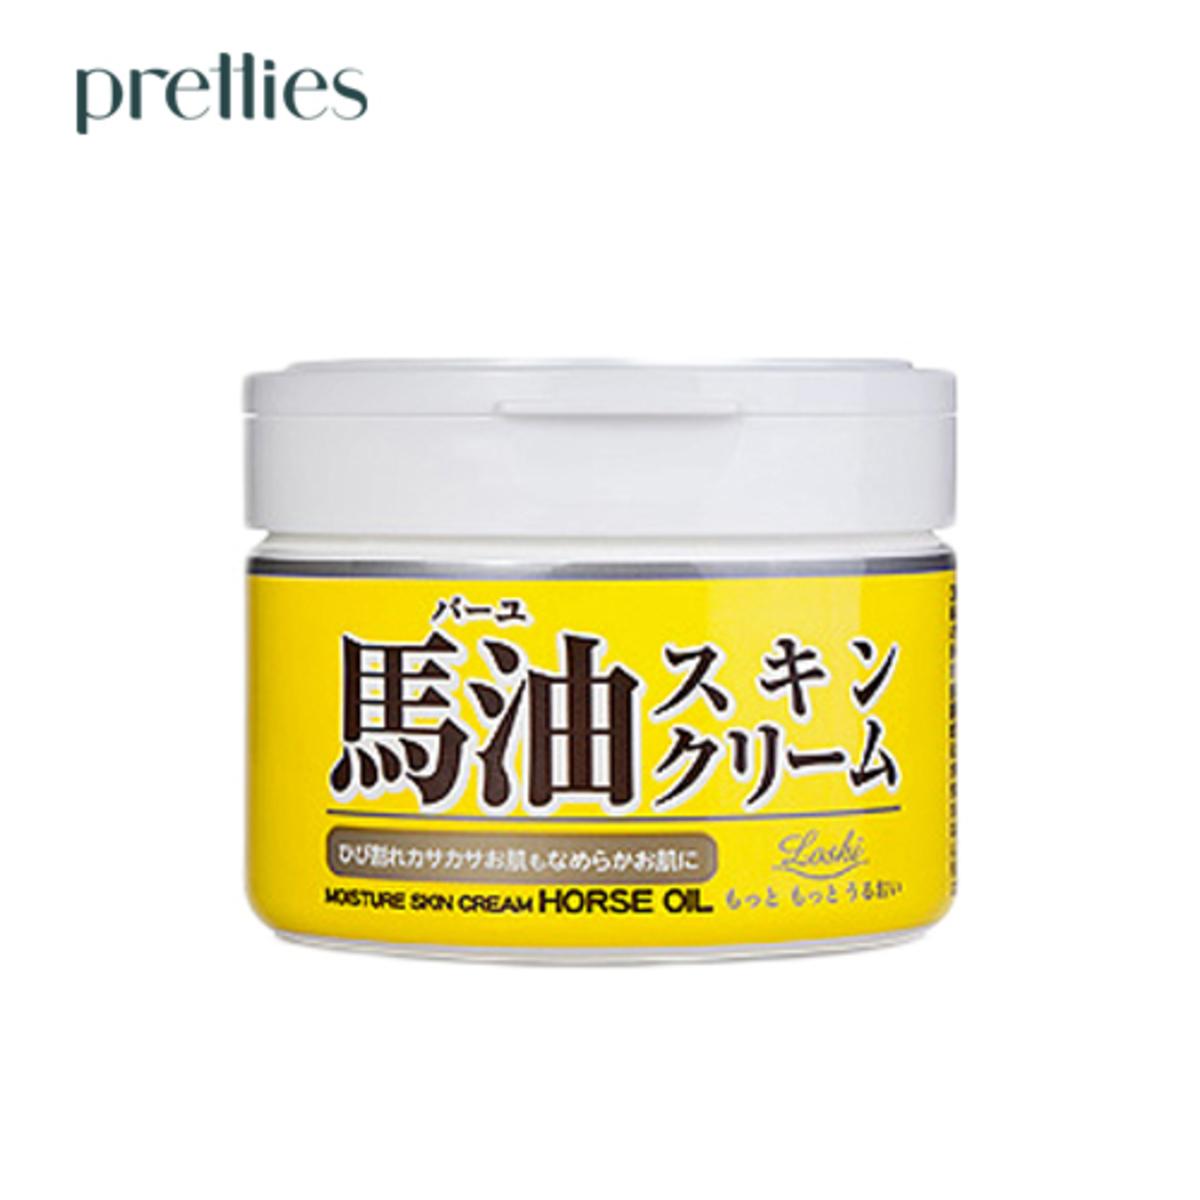 日本純天然馬油護膚霜 220g